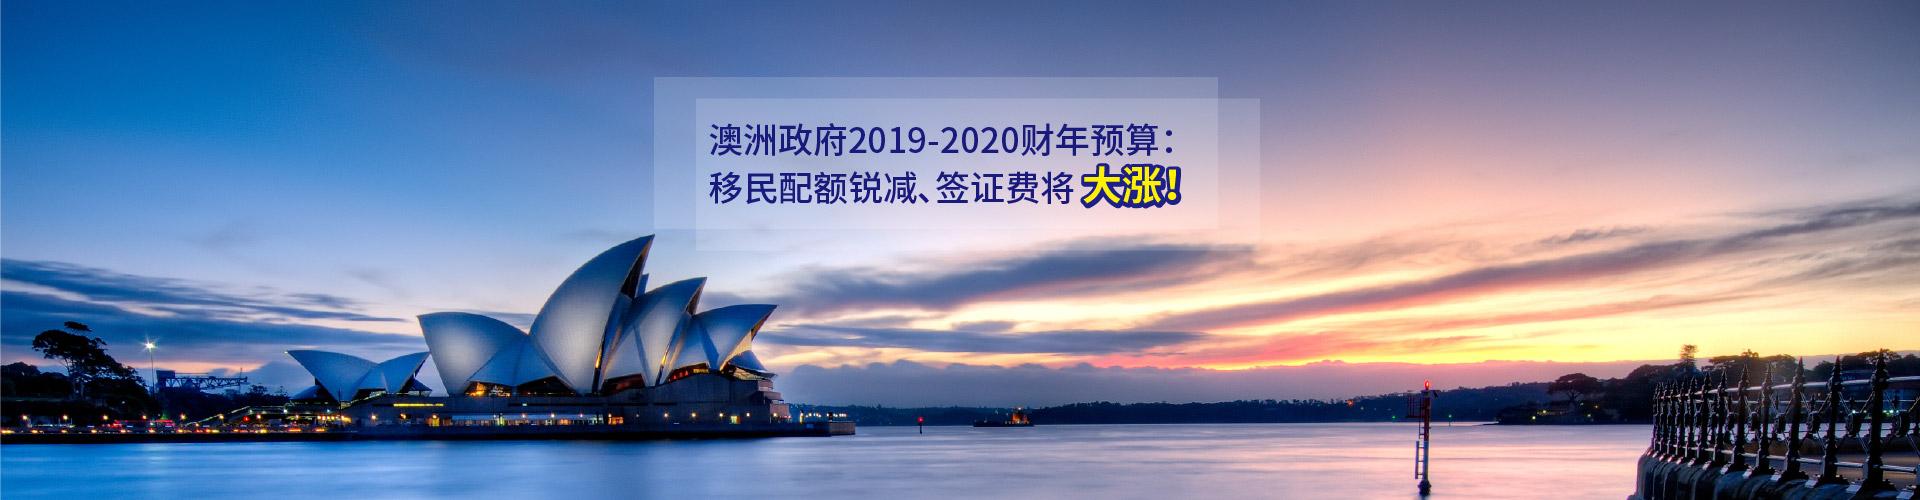 民配额锐减、签证费将大涨、澳洲技术移民打分变革——澳洲政府2019-2020财年预算详解